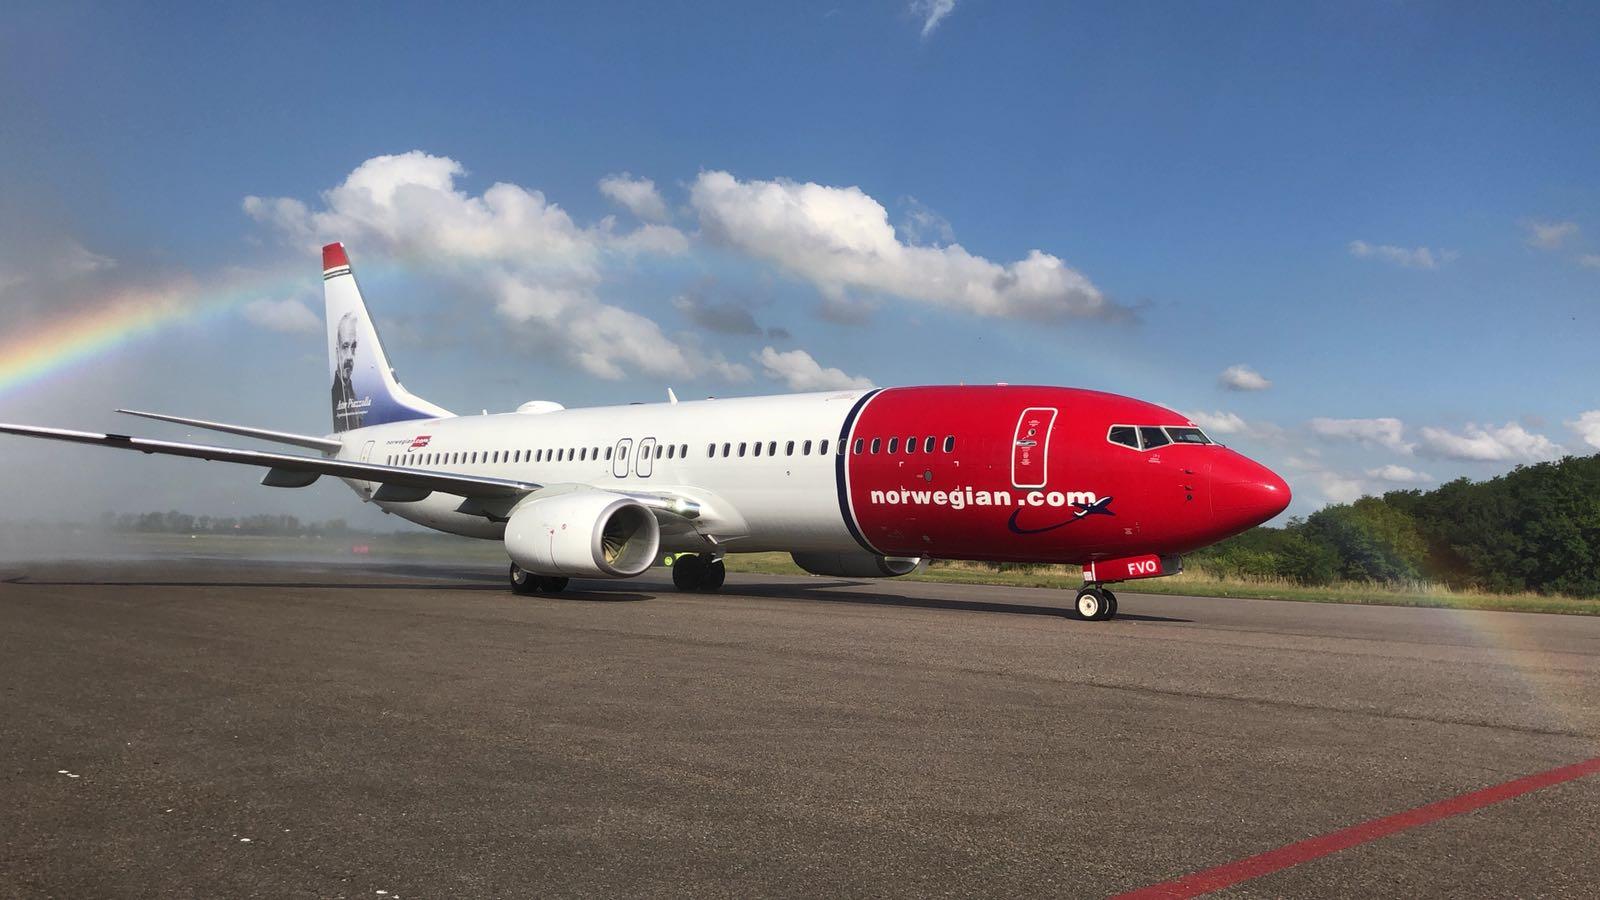 Picture: Norwegian